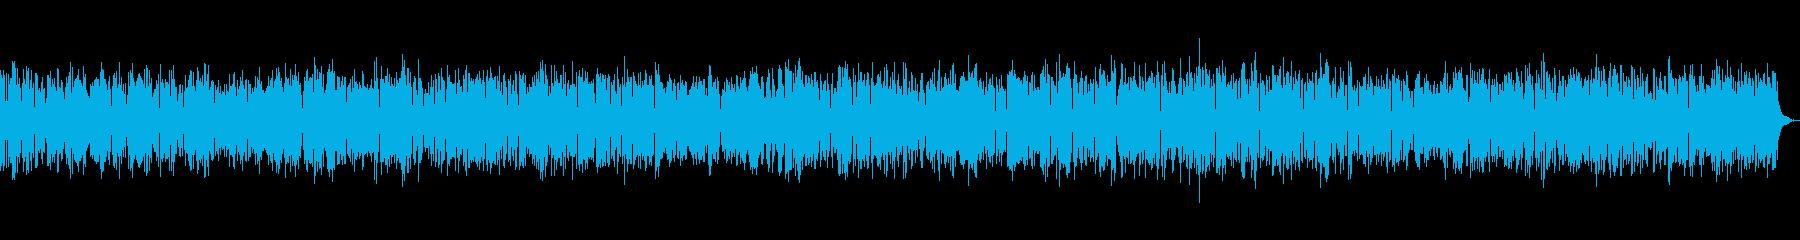 ムーディーな大人のジャズバラードBGMの再生済みの波形